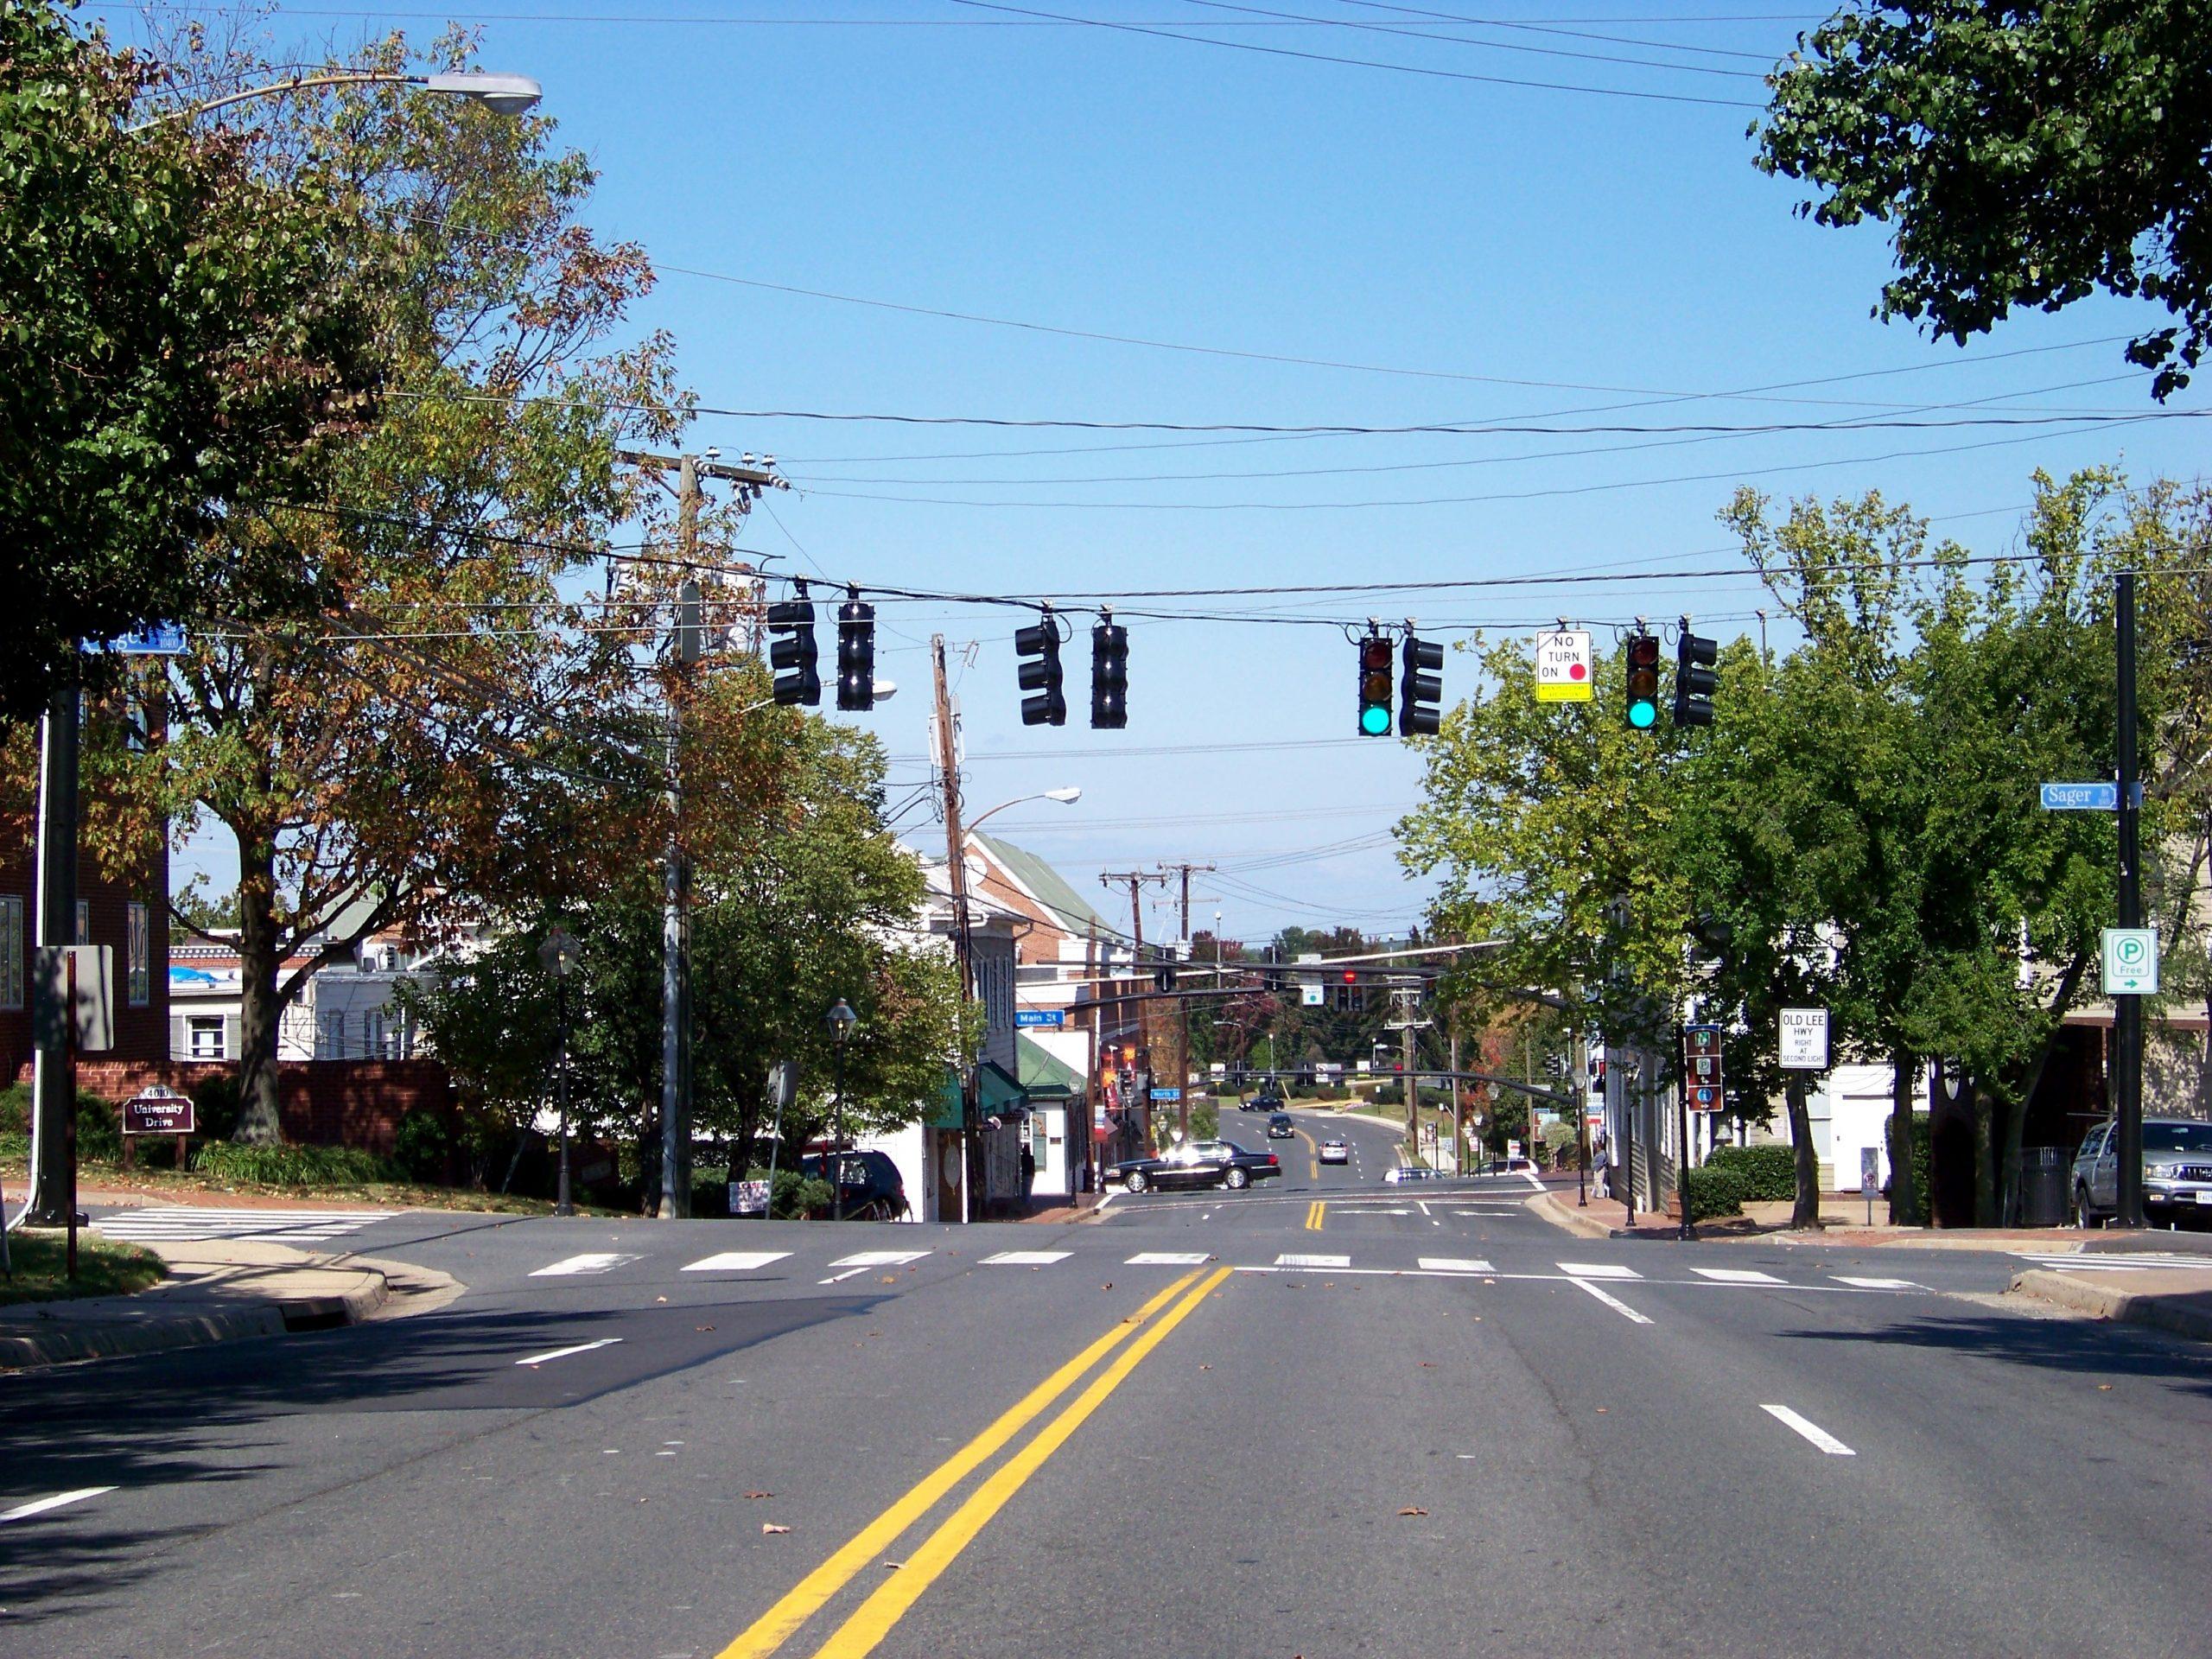 Downtown Fairfax VA Locksmith Services